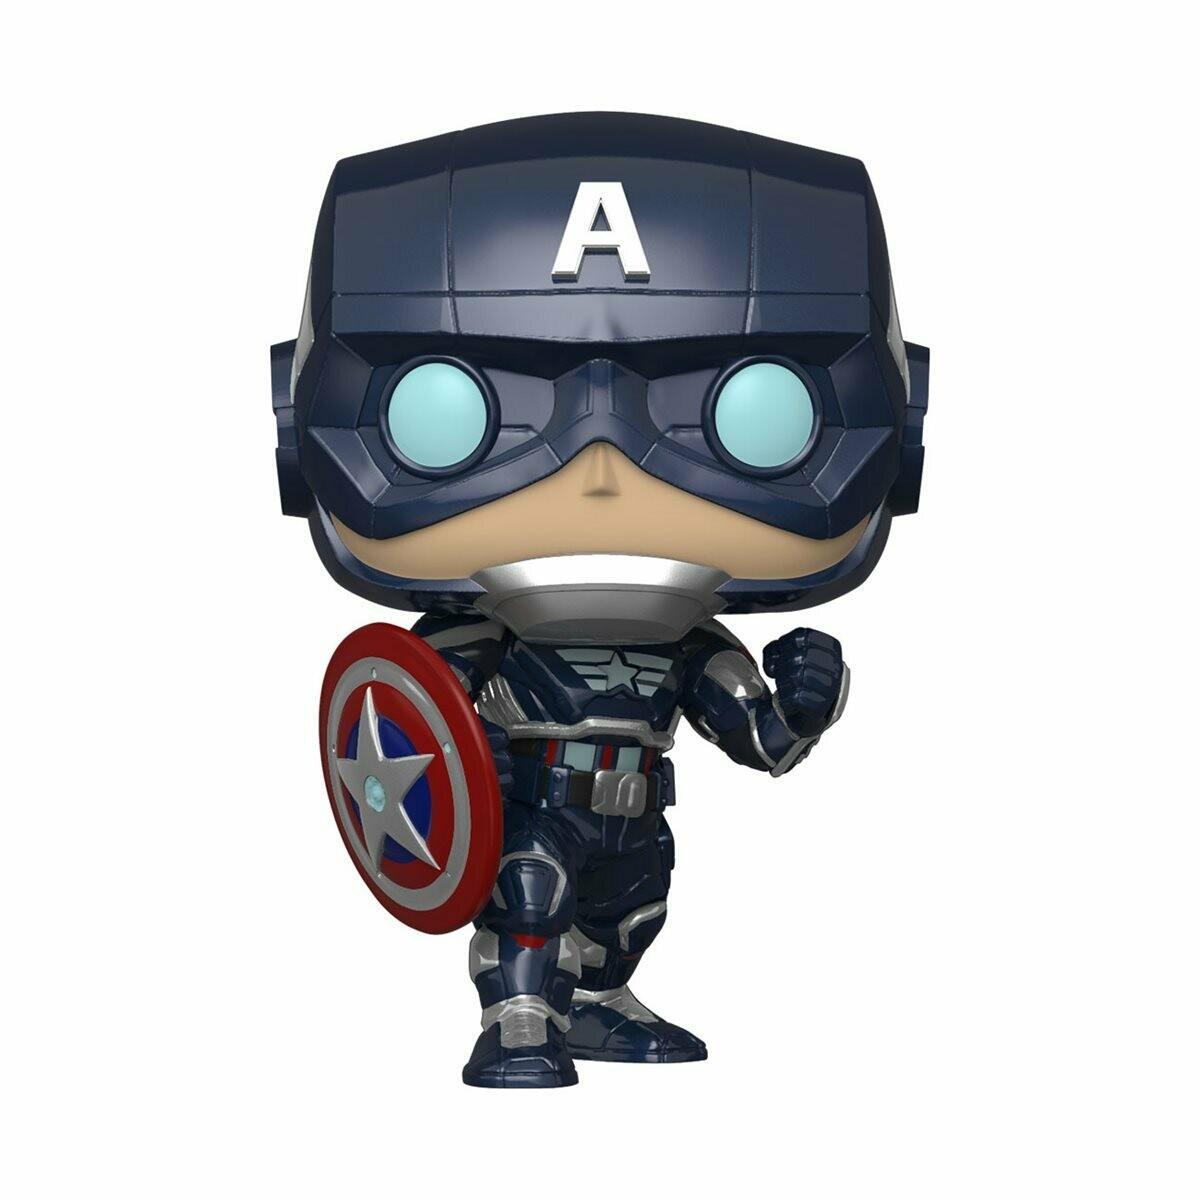 Funko Marvel's Avengers Game Captain America Pop! Vinyl Figure